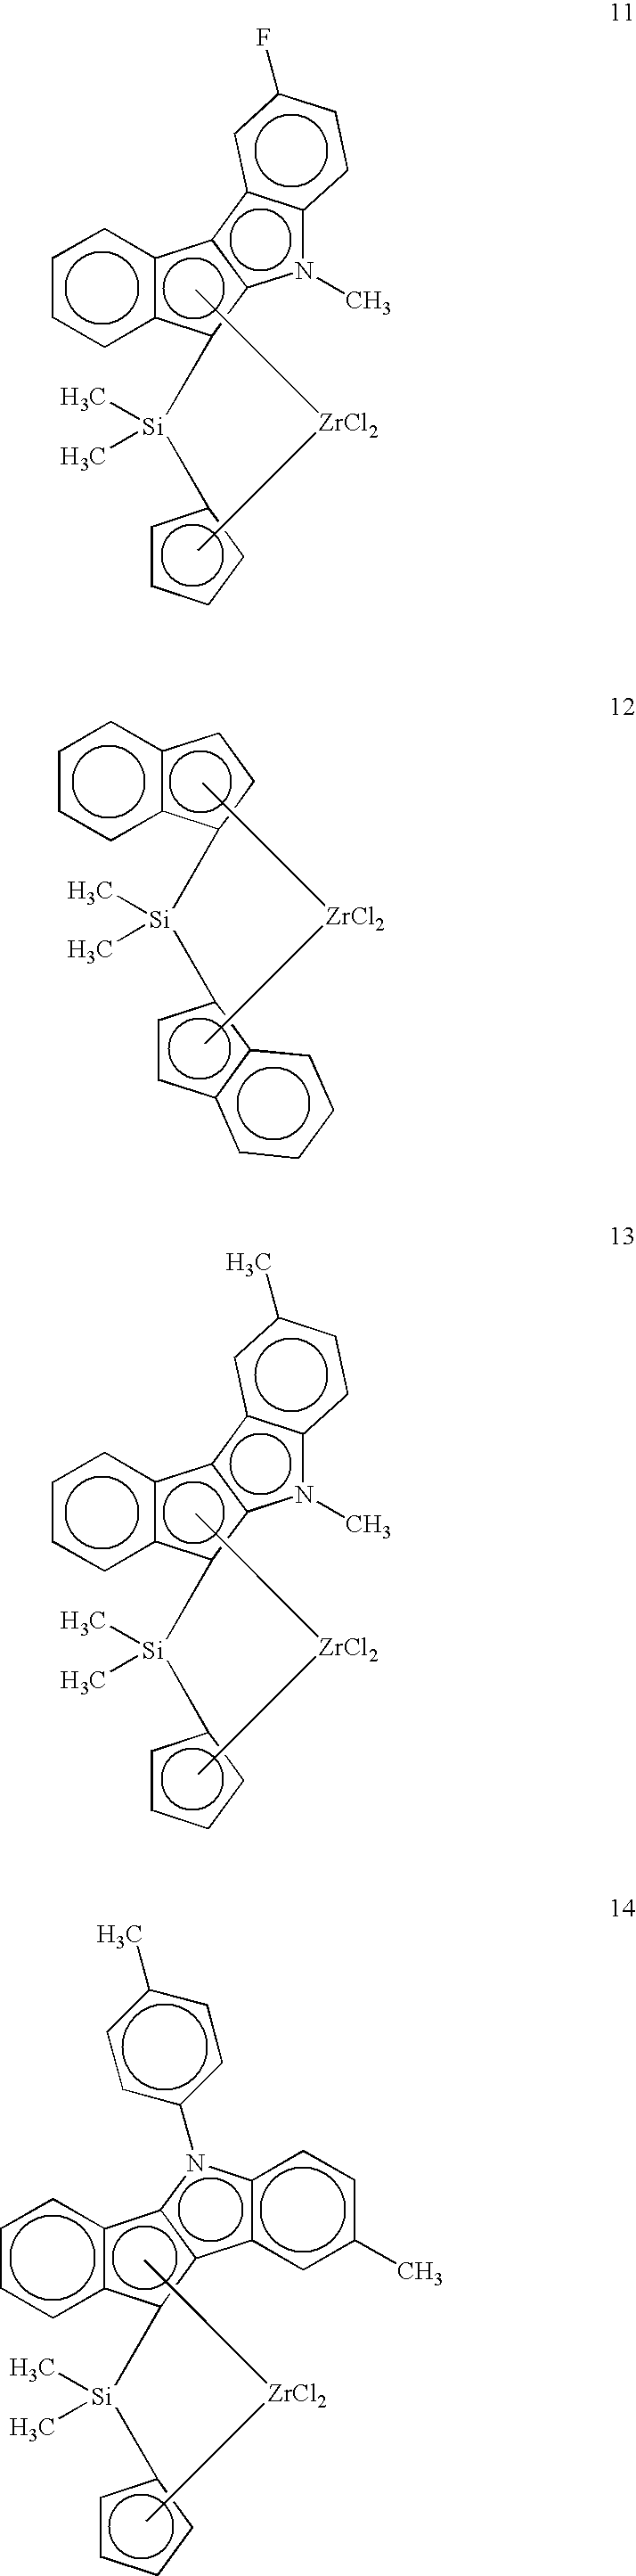 Figure US20090062490A1-20090305-C00008